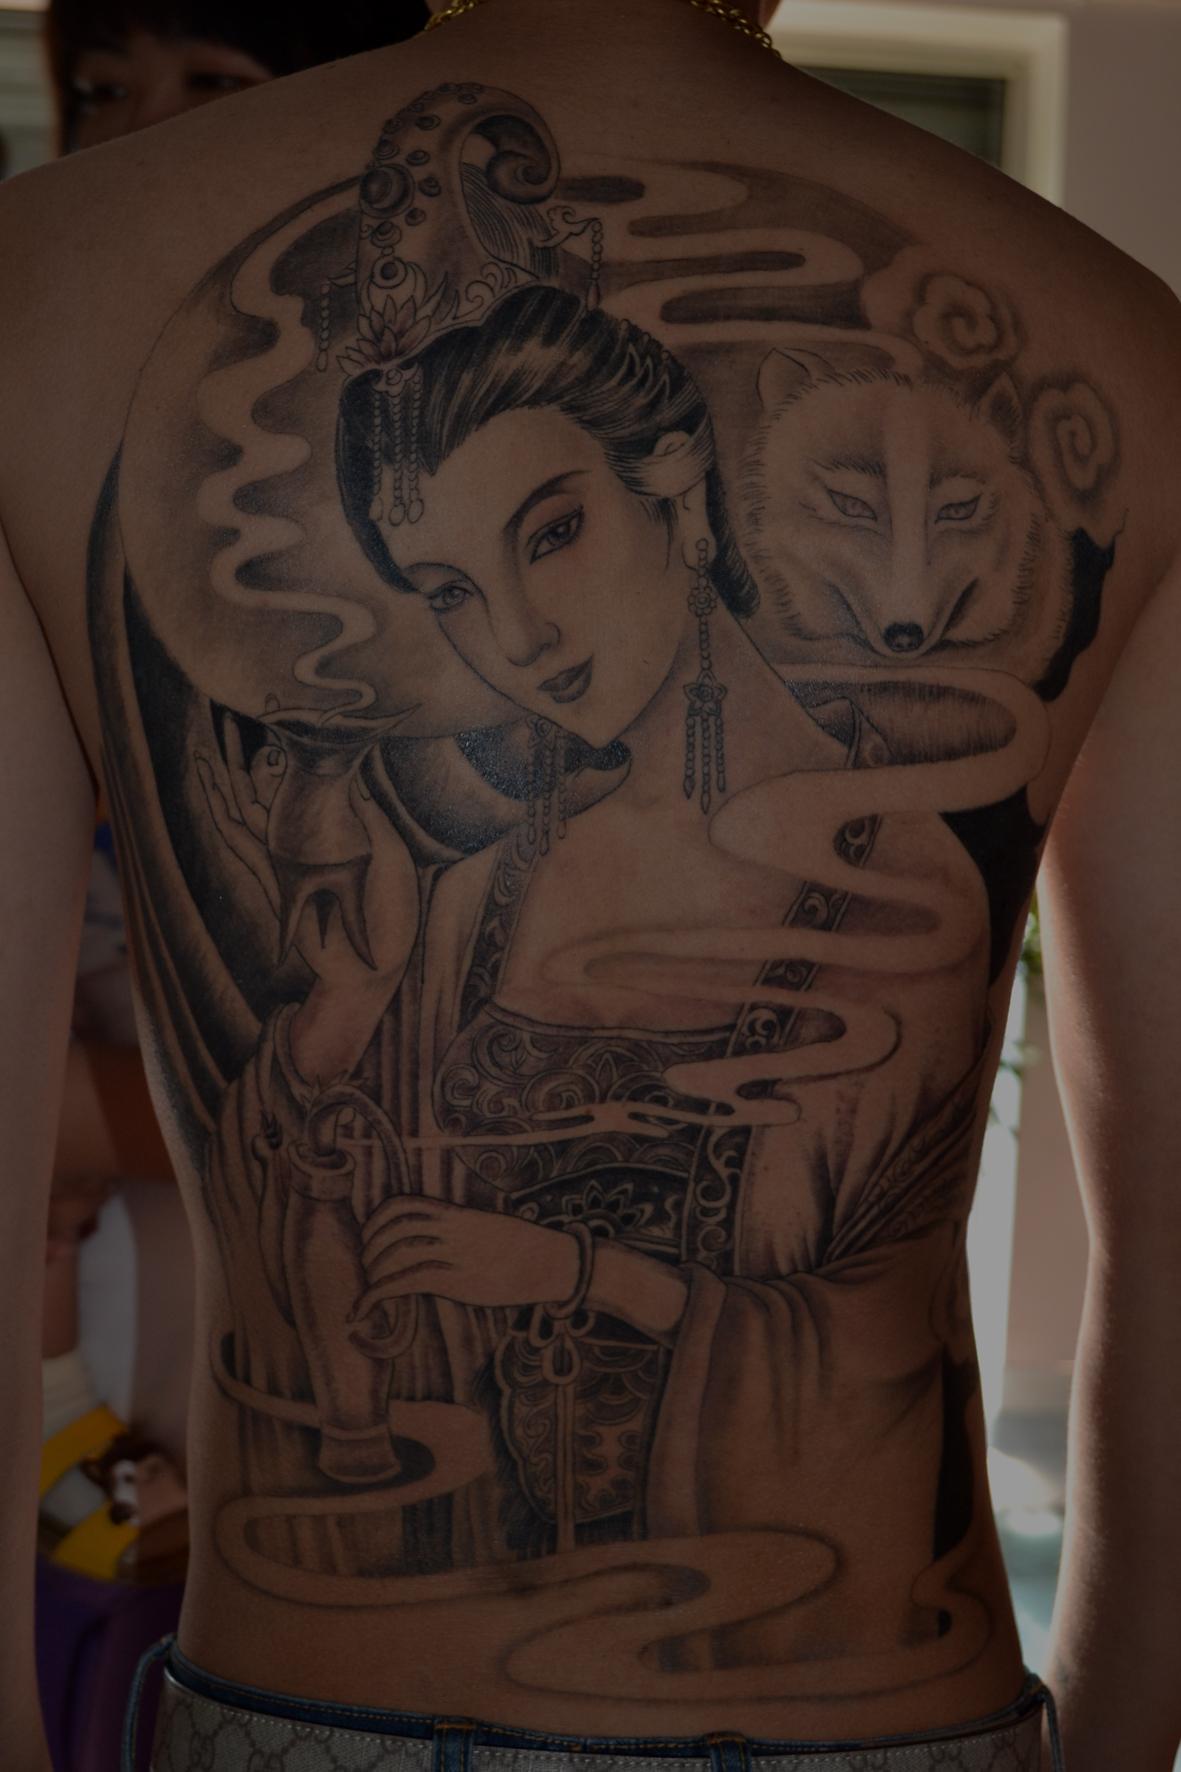 宝坻刺水堂纹身部分作品望喜欢纹身的朋友多多支持